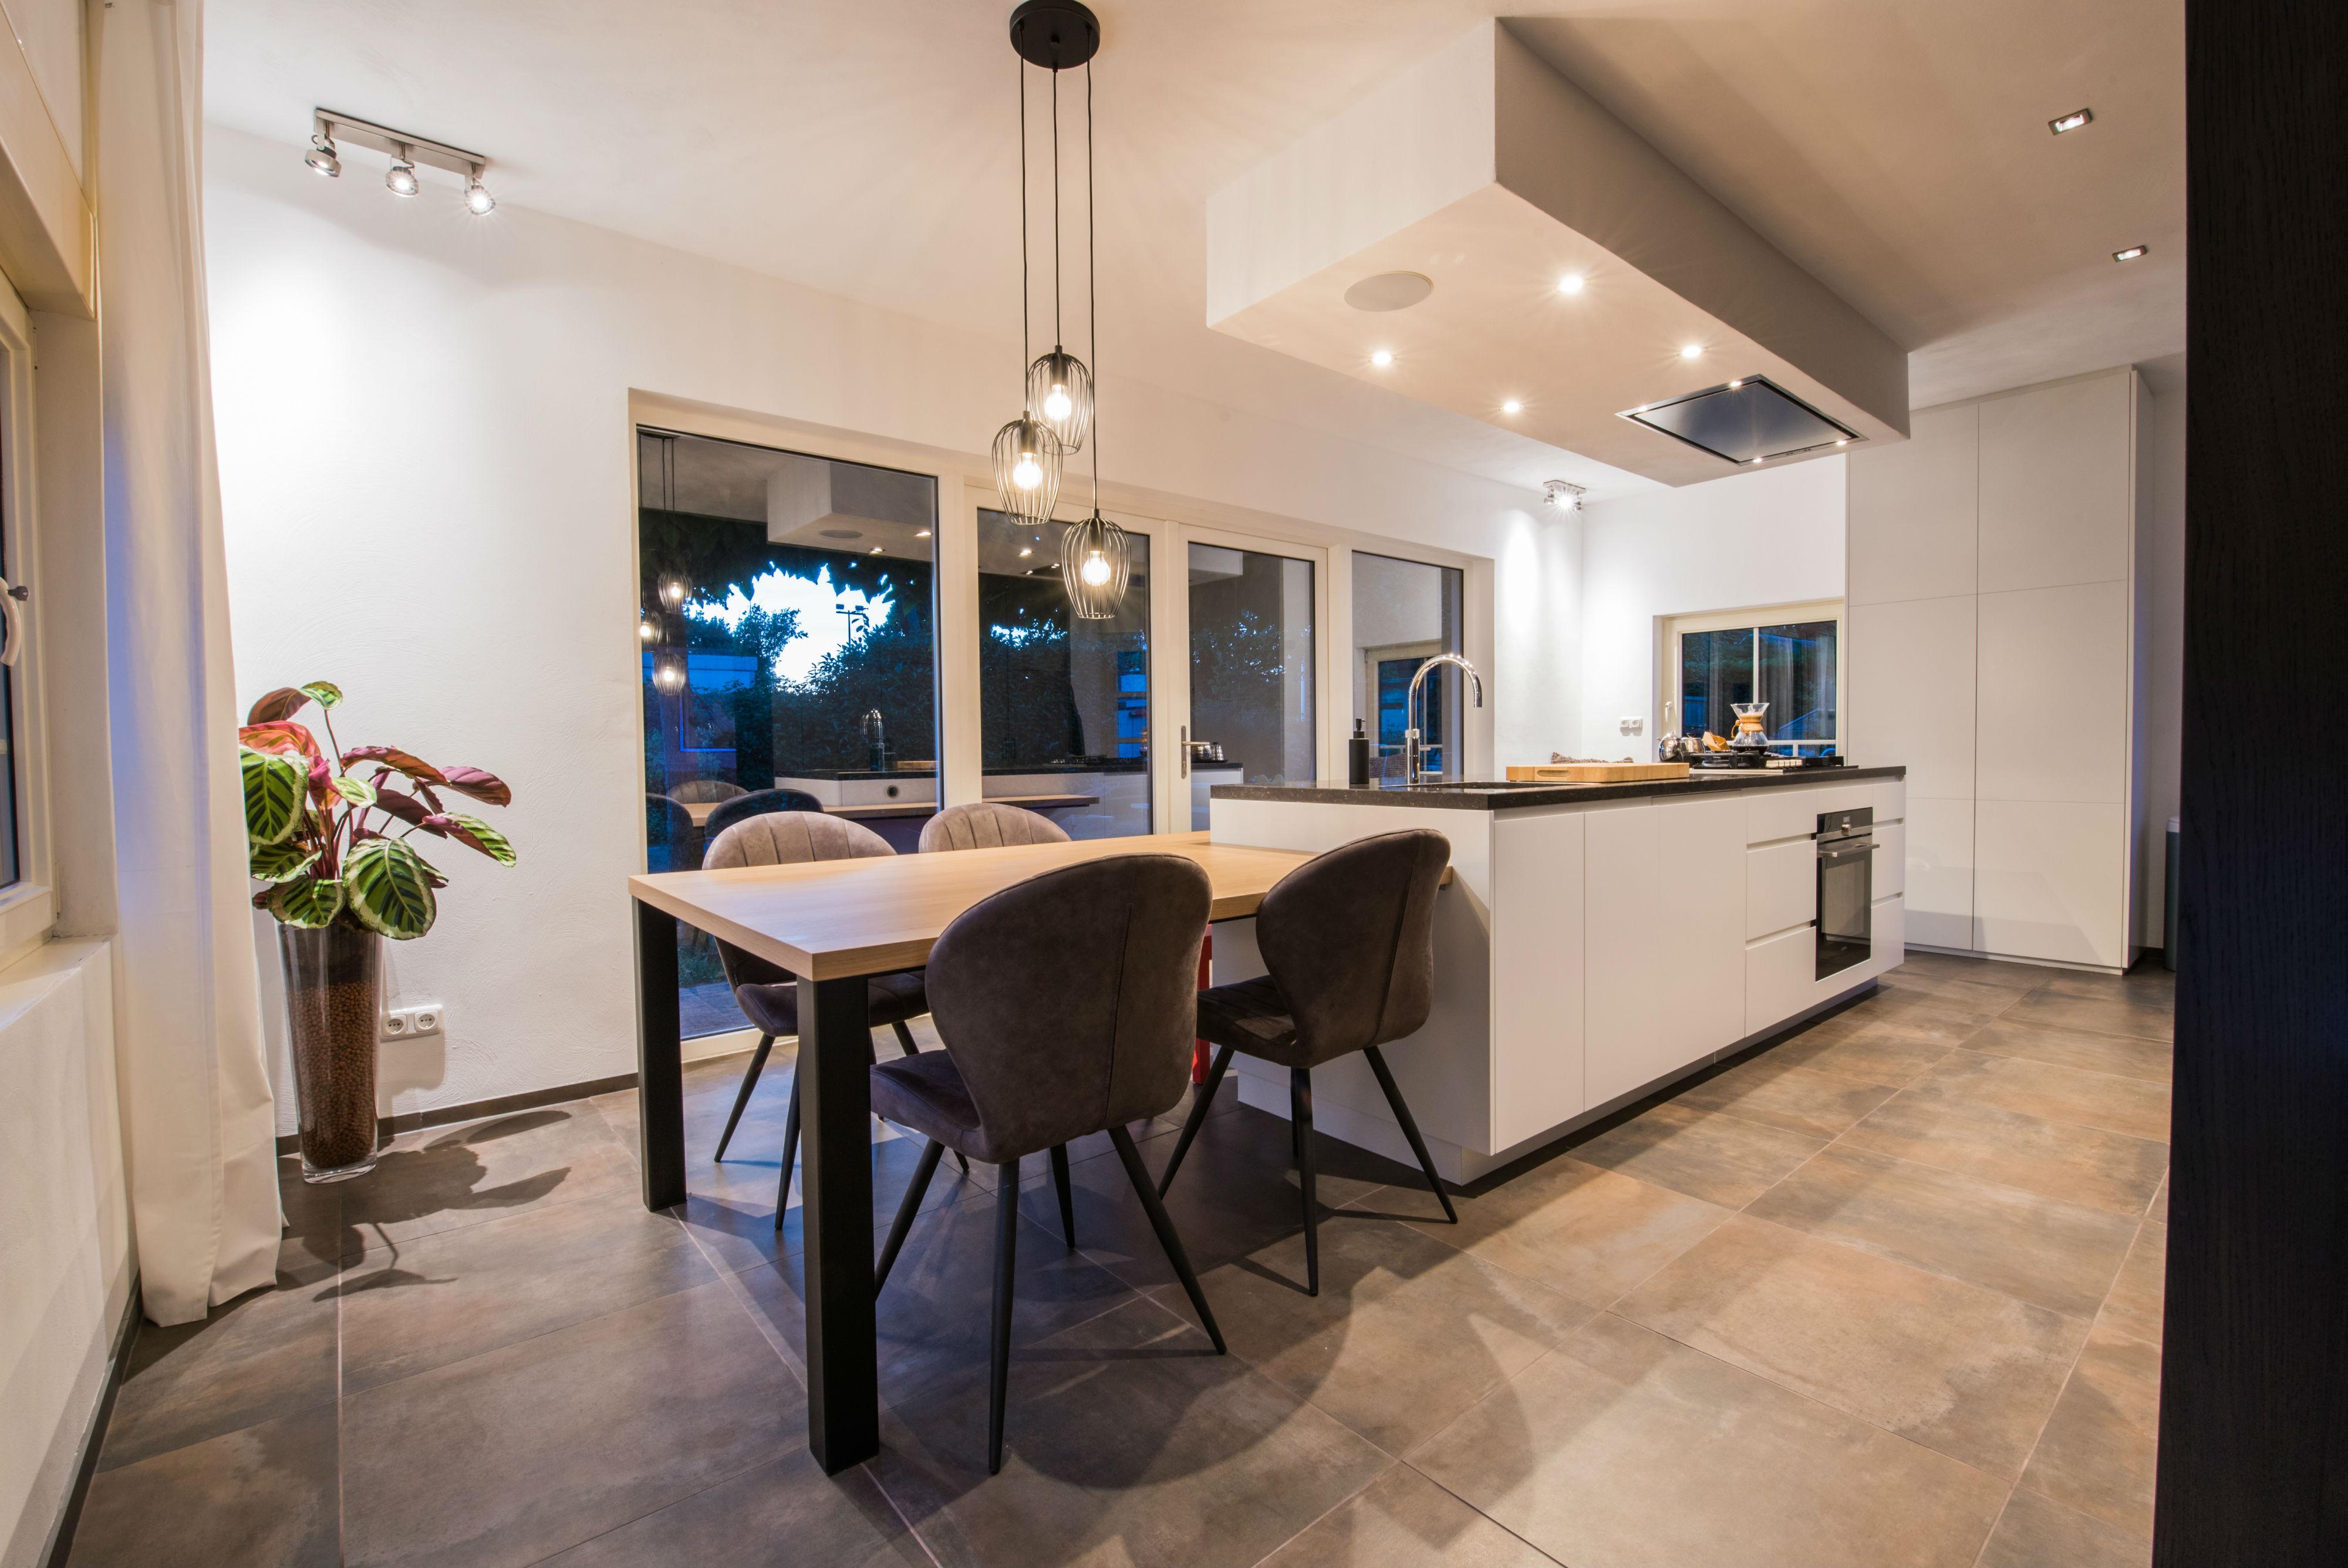 Design Keukens Eindhoven : Keuken met gashaard eindhoven jamo restiau